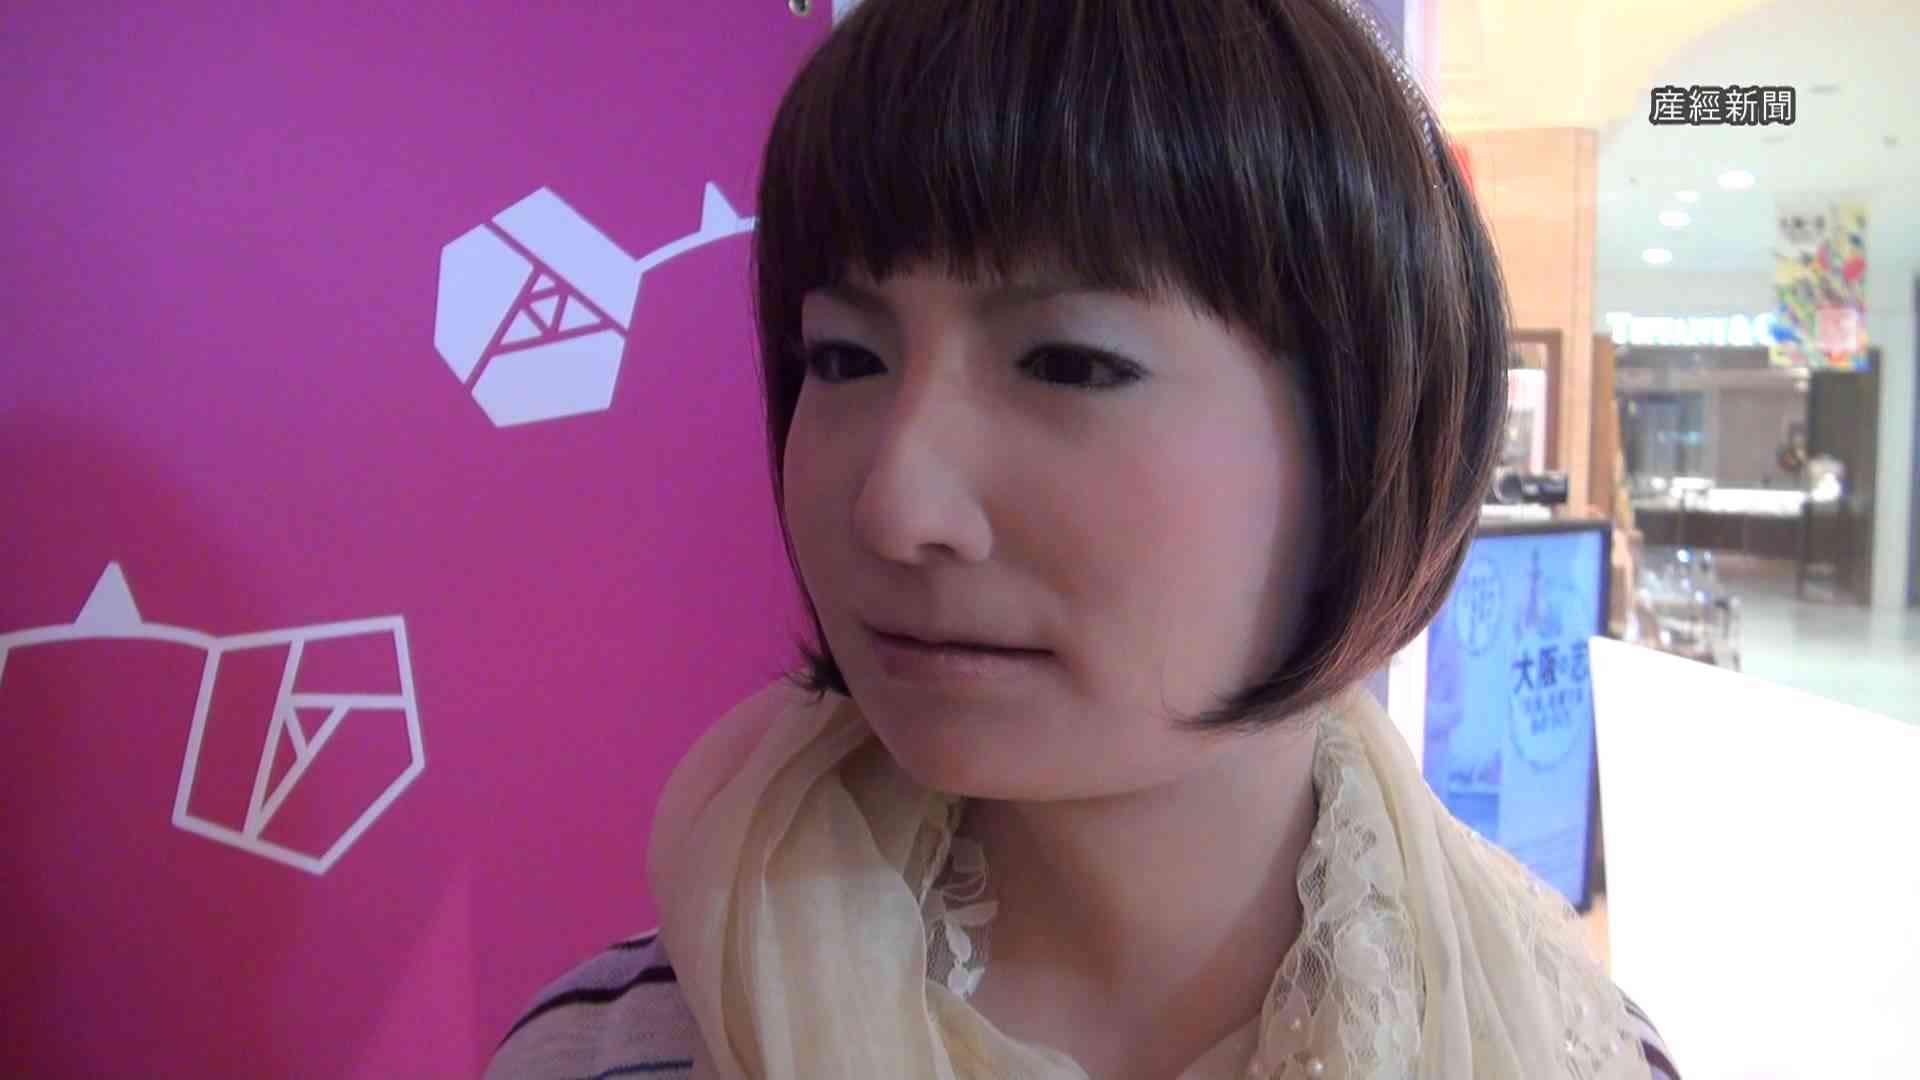 人型ロボット(アンドロイド)のミナミ再登場 - YouTube